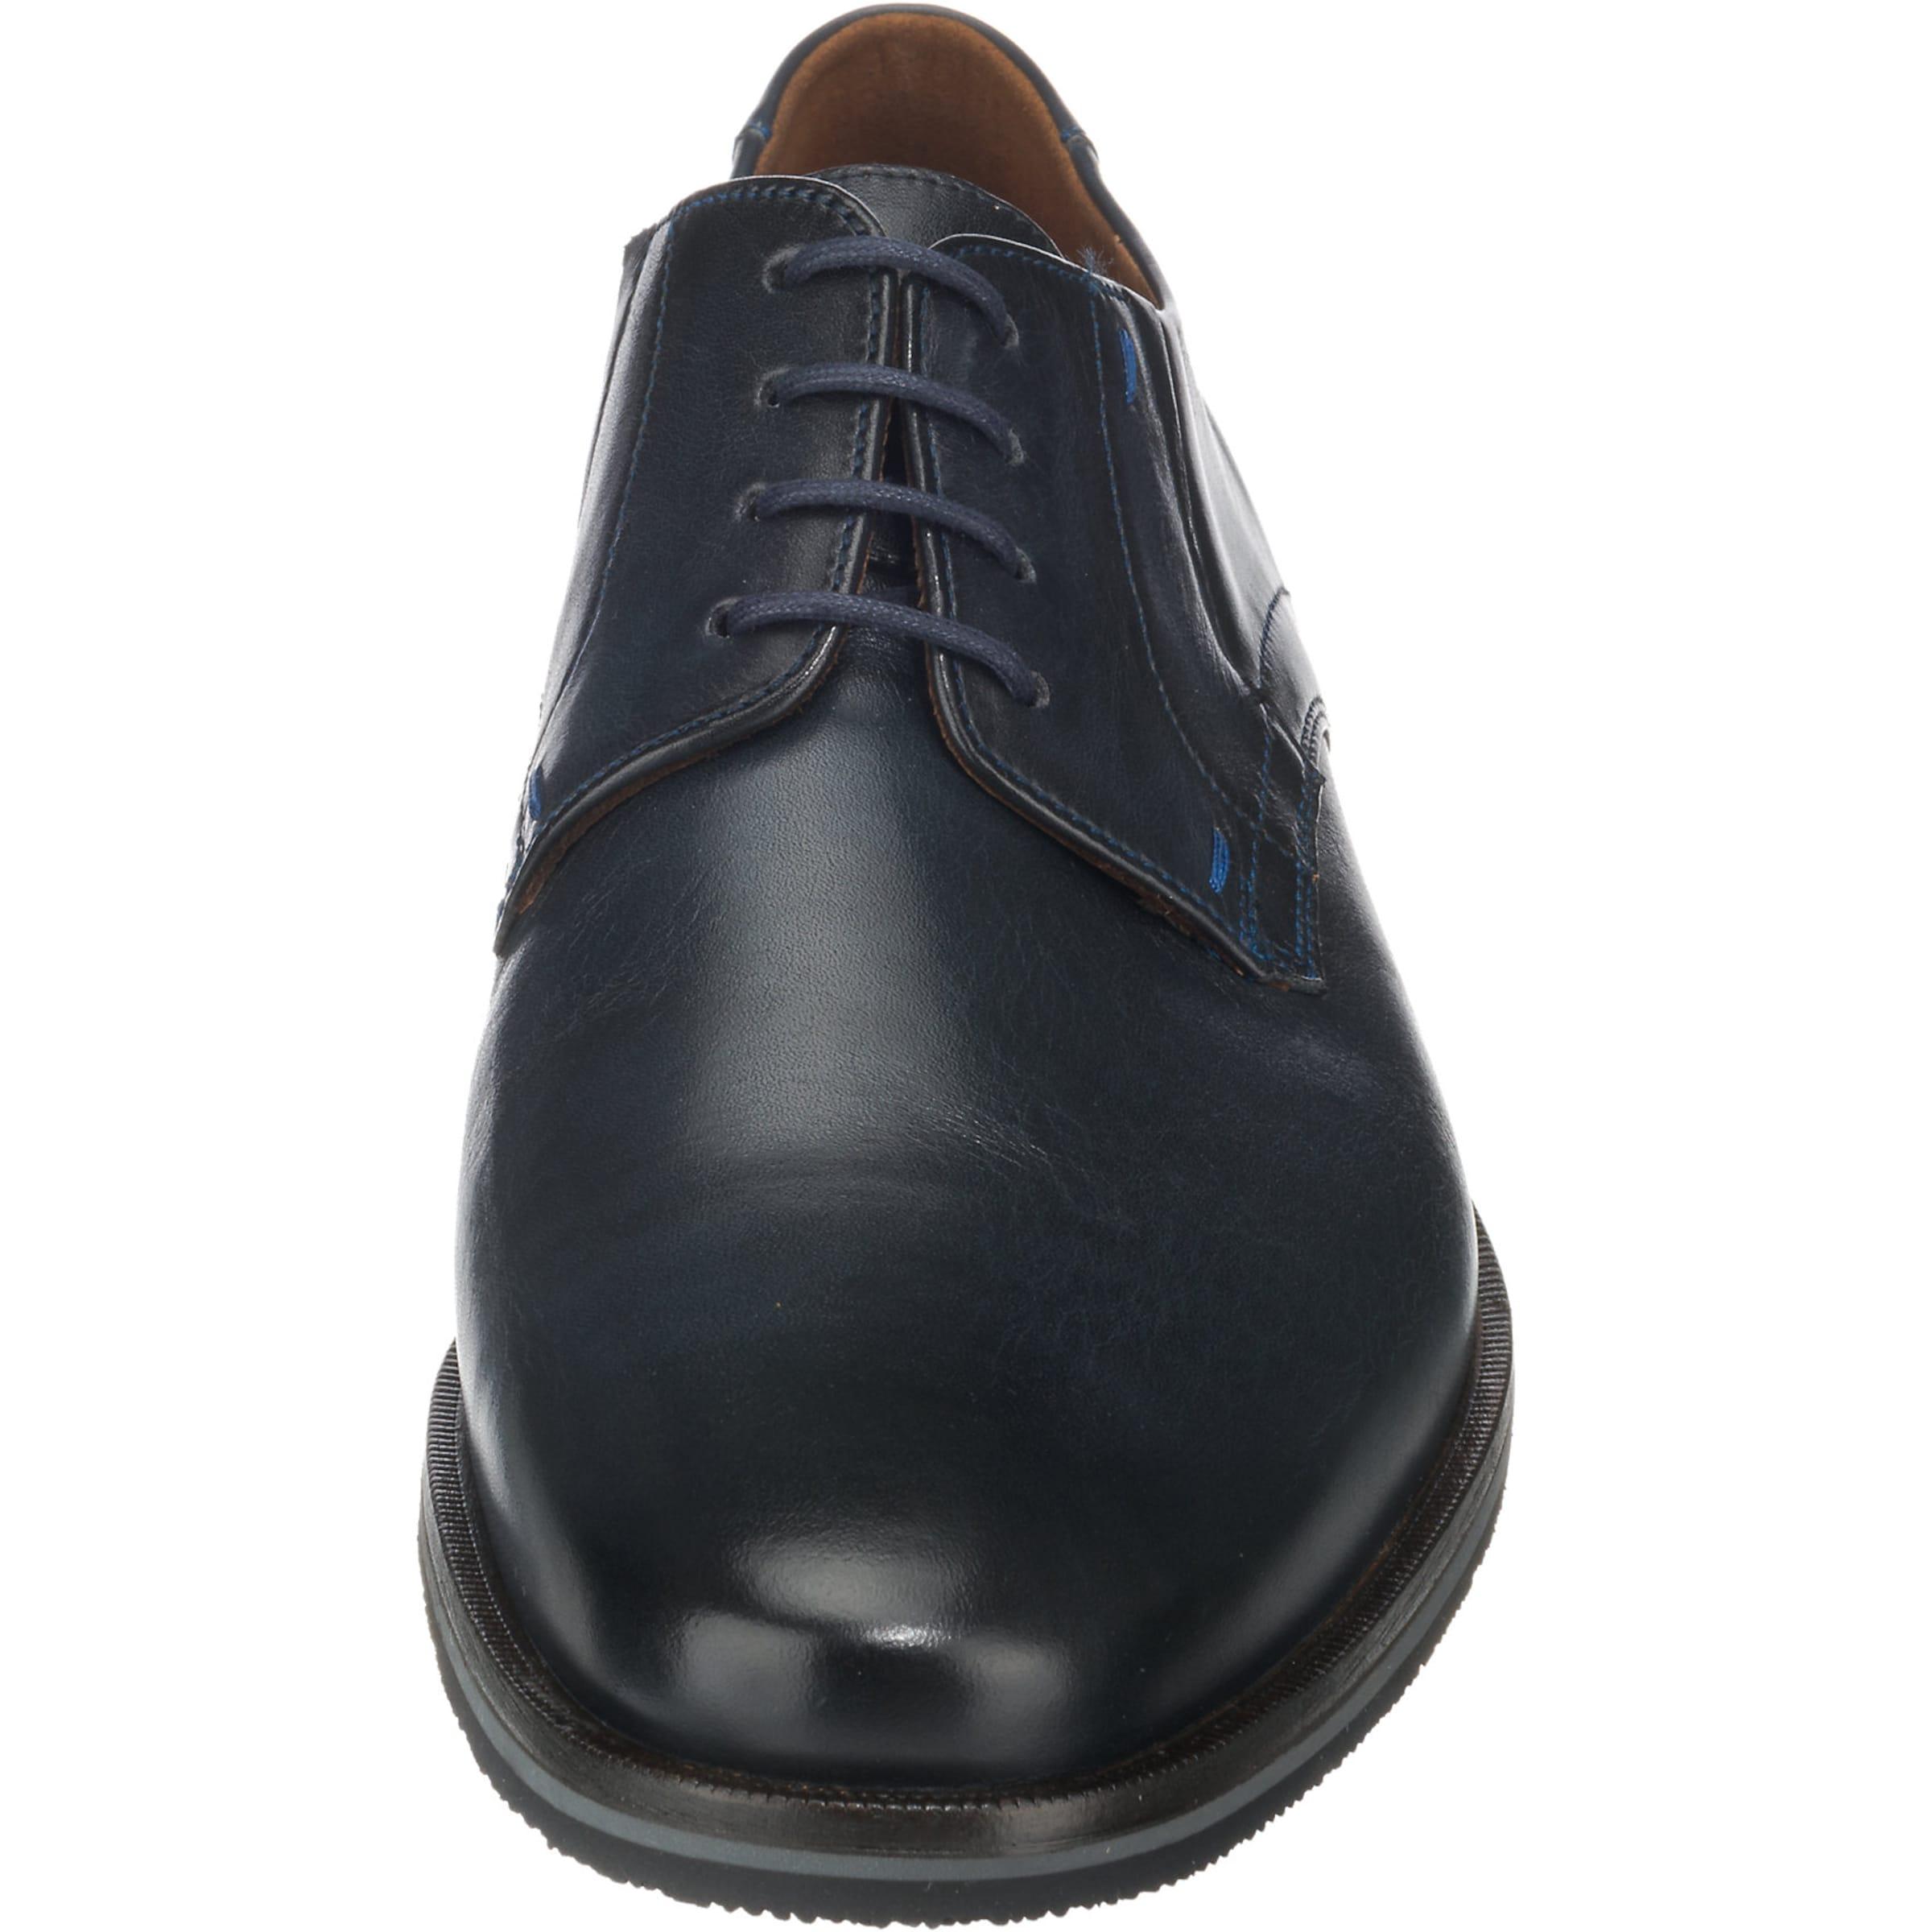 LLOYD KODA Business-Schnürschuhe Business-Schnürschuhe Business-Schnürschuhe Leder Billige Herren- und Damenschuhe b8580f